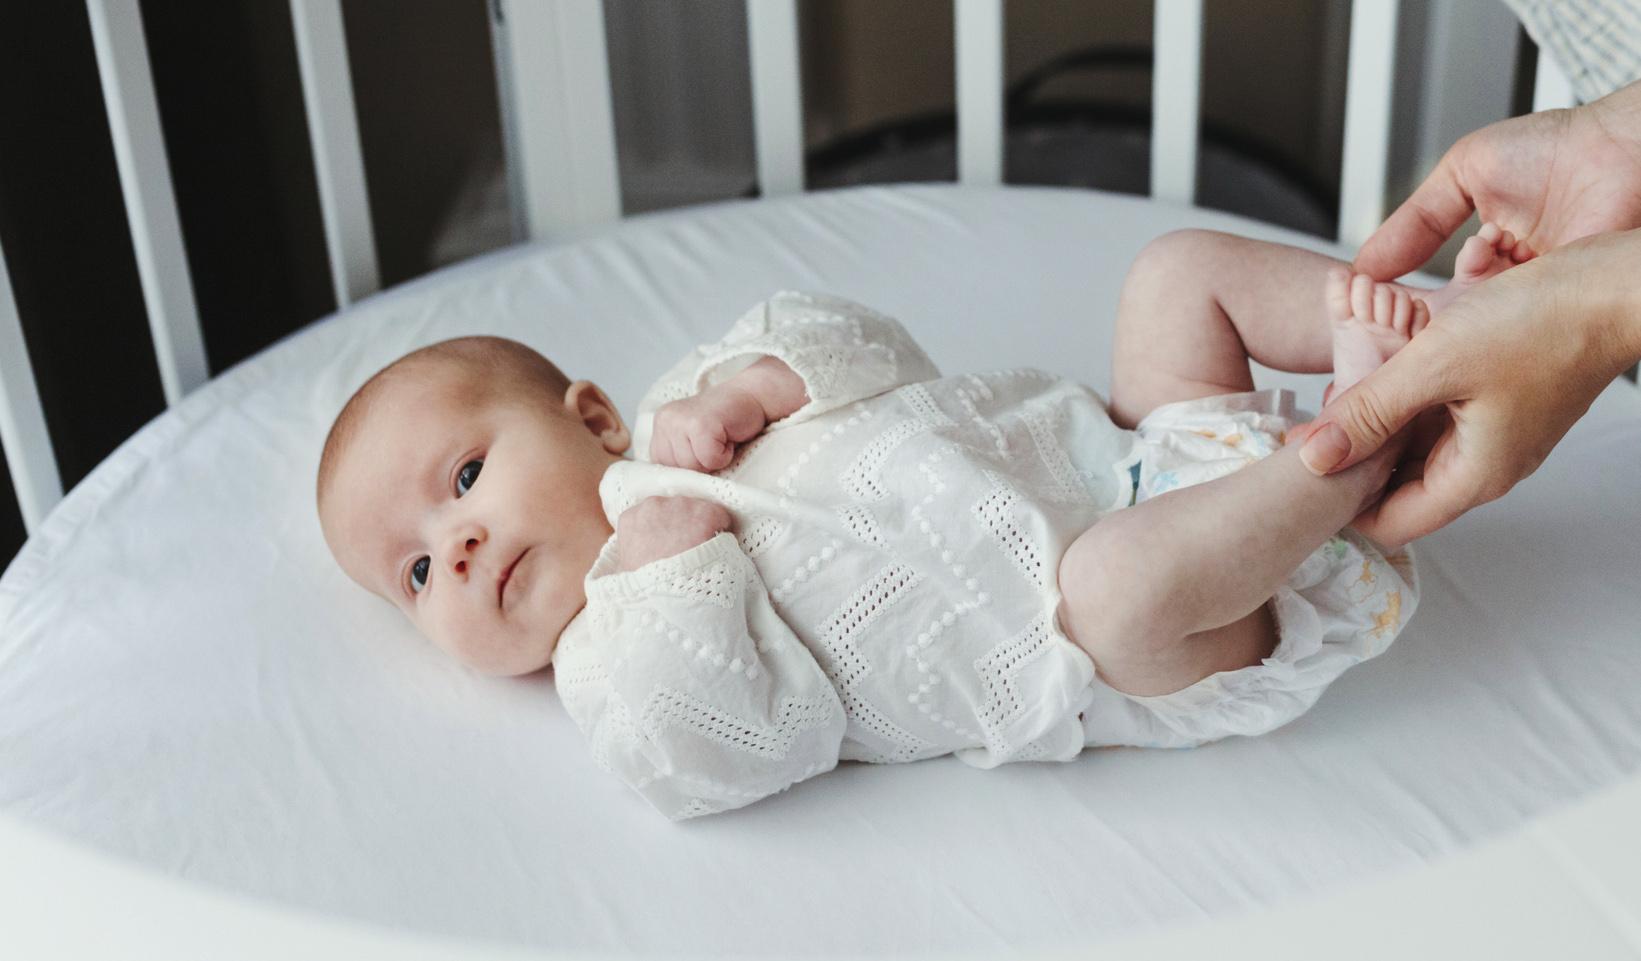 Kiedy noworodek zaczyna widzieć i jak to sprawdzić?/fot iStock